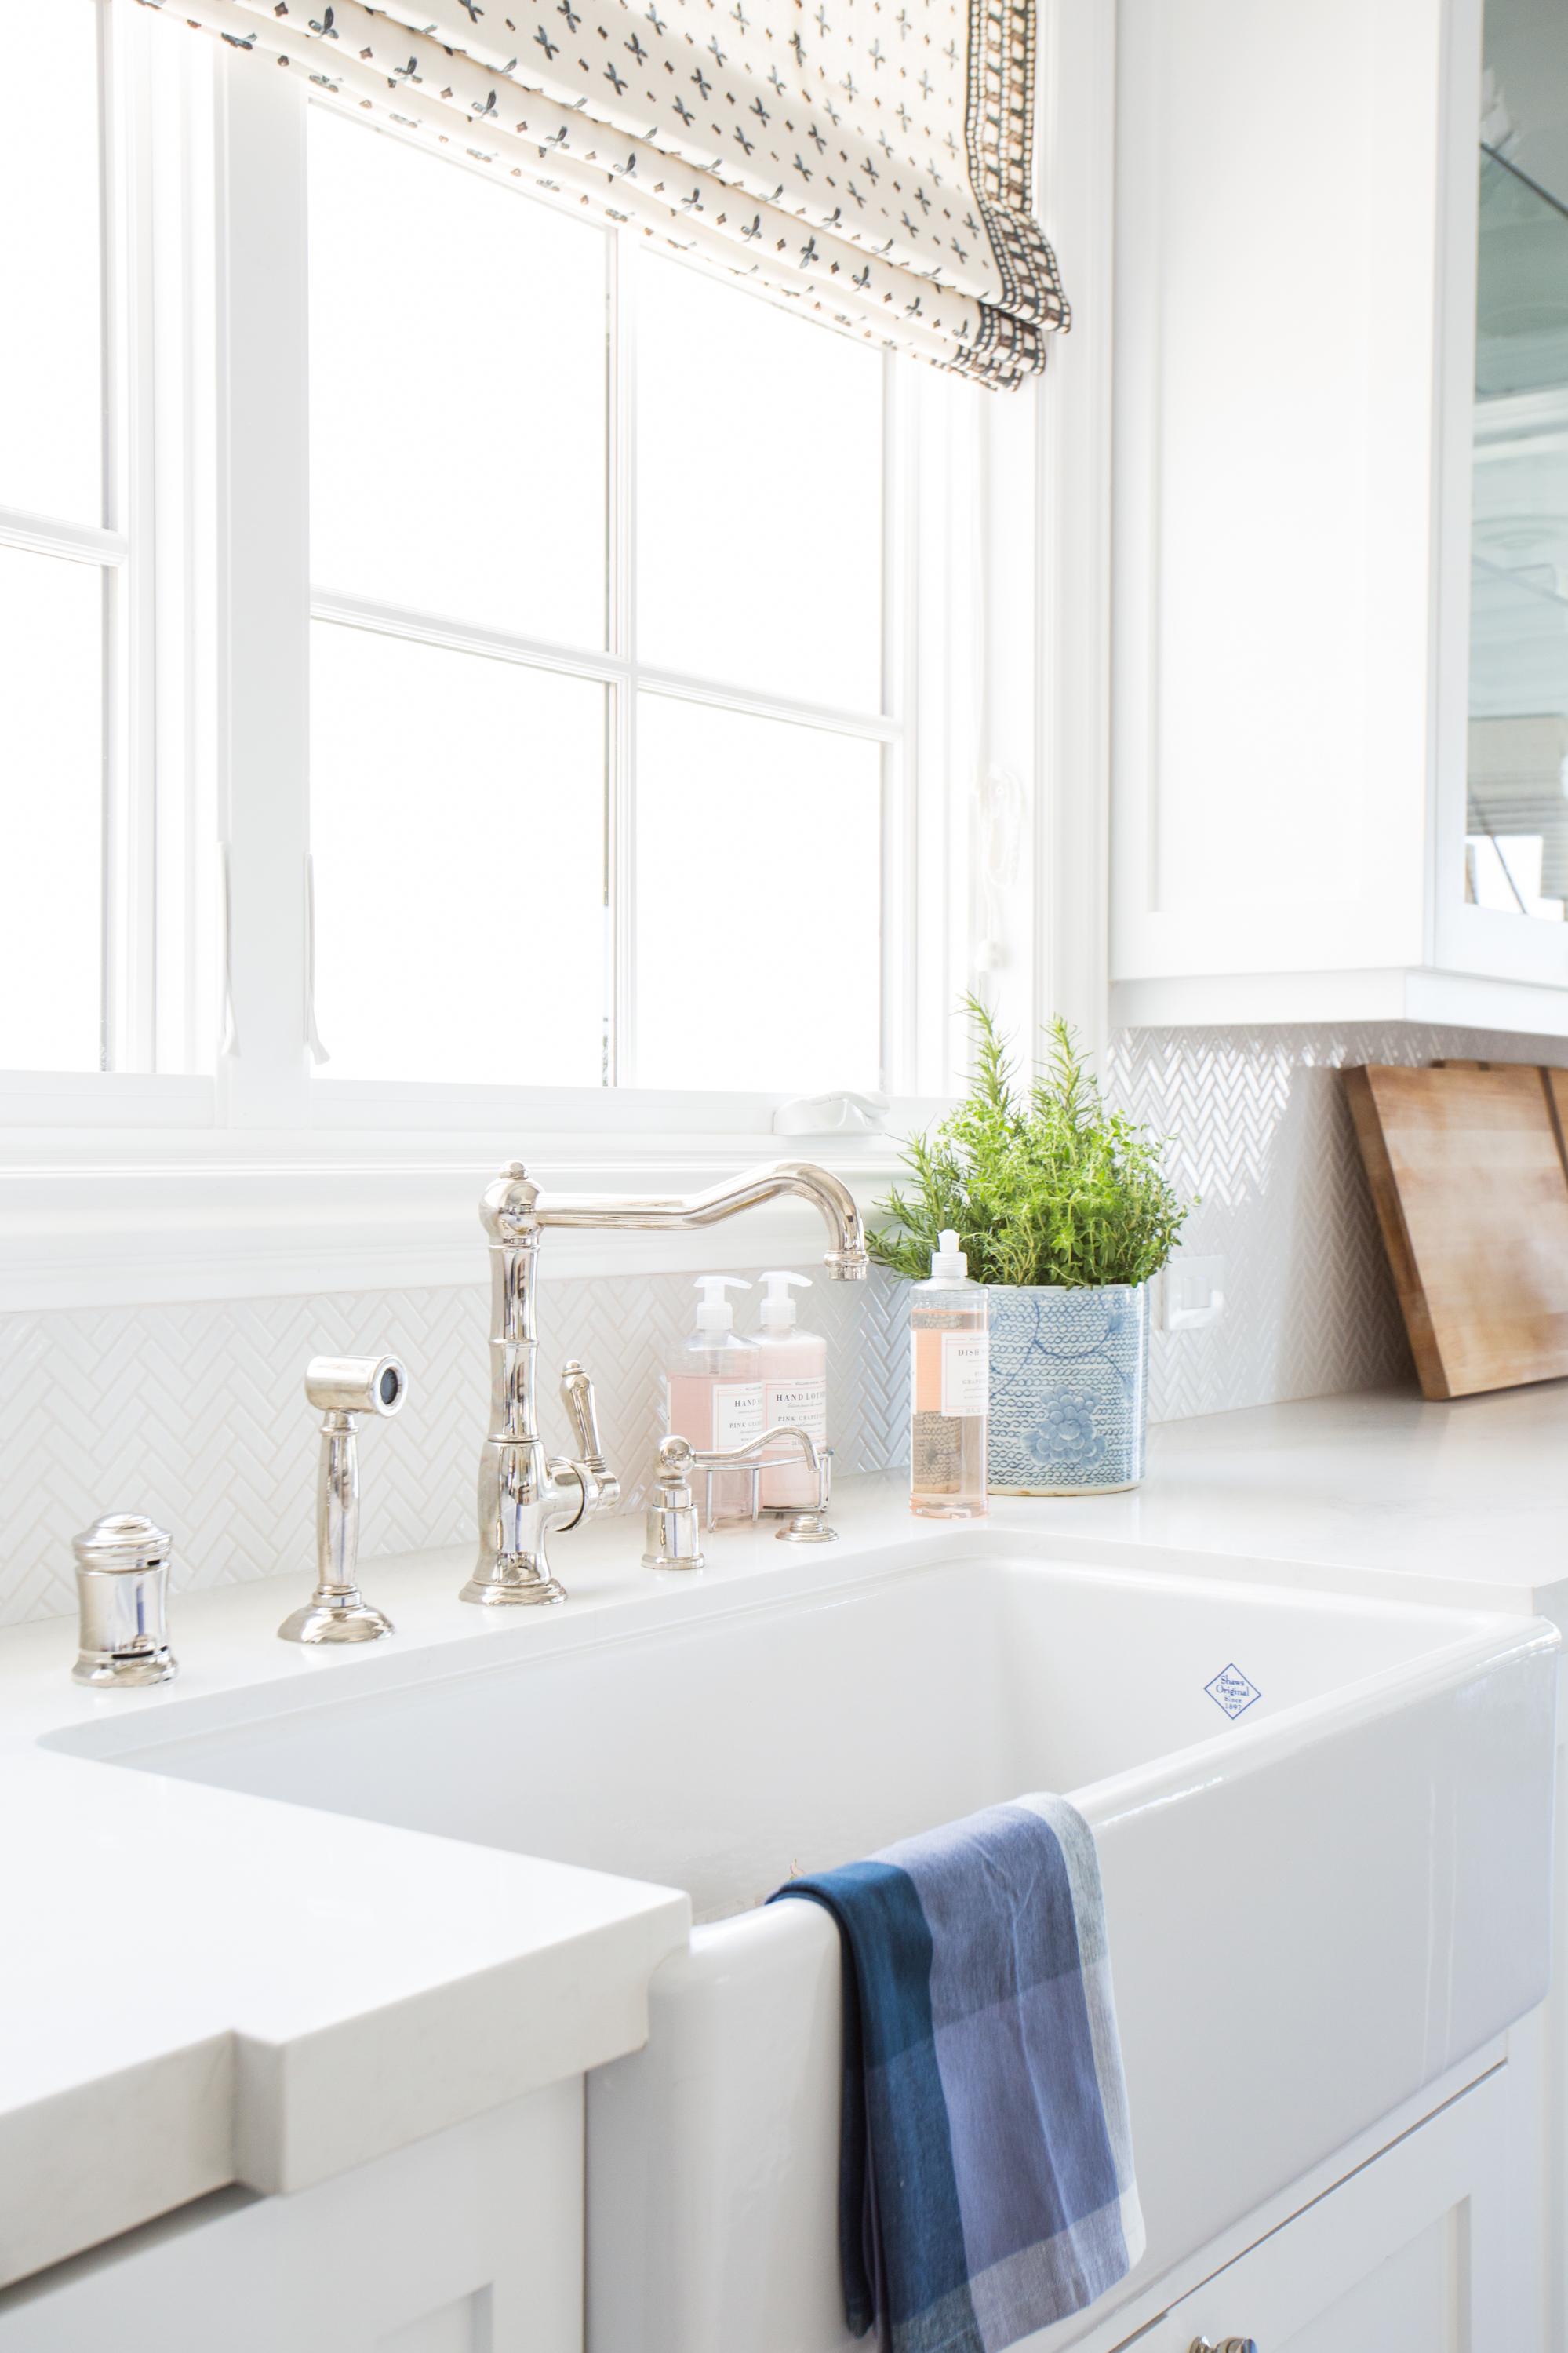 Studio McGee - Palisades Kitchen Sink